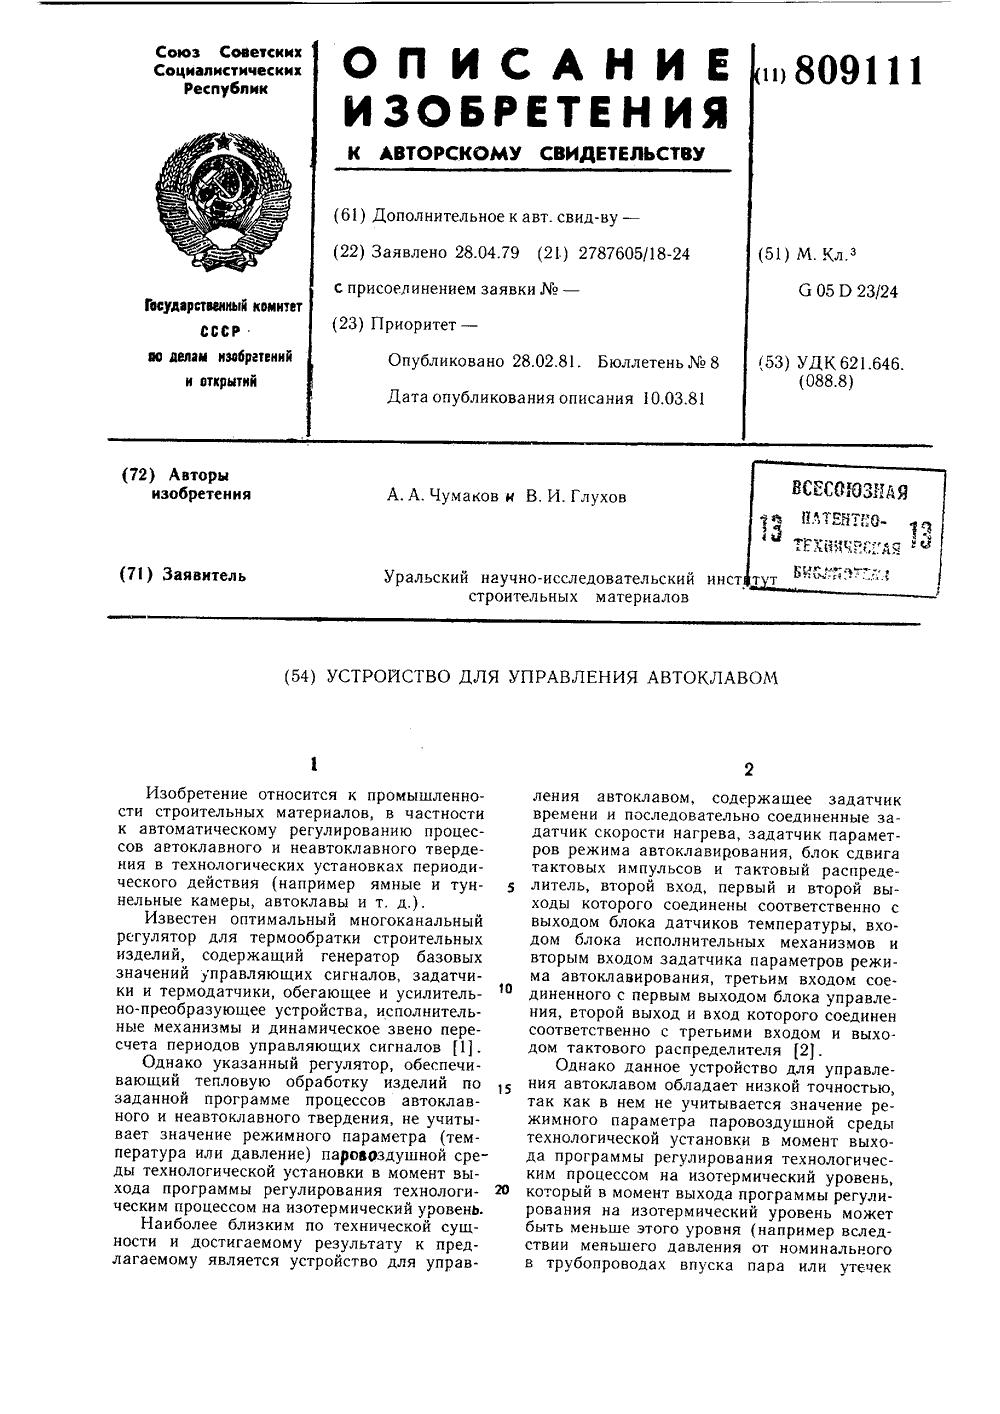 блок-схема алгоритма управления автоклавом